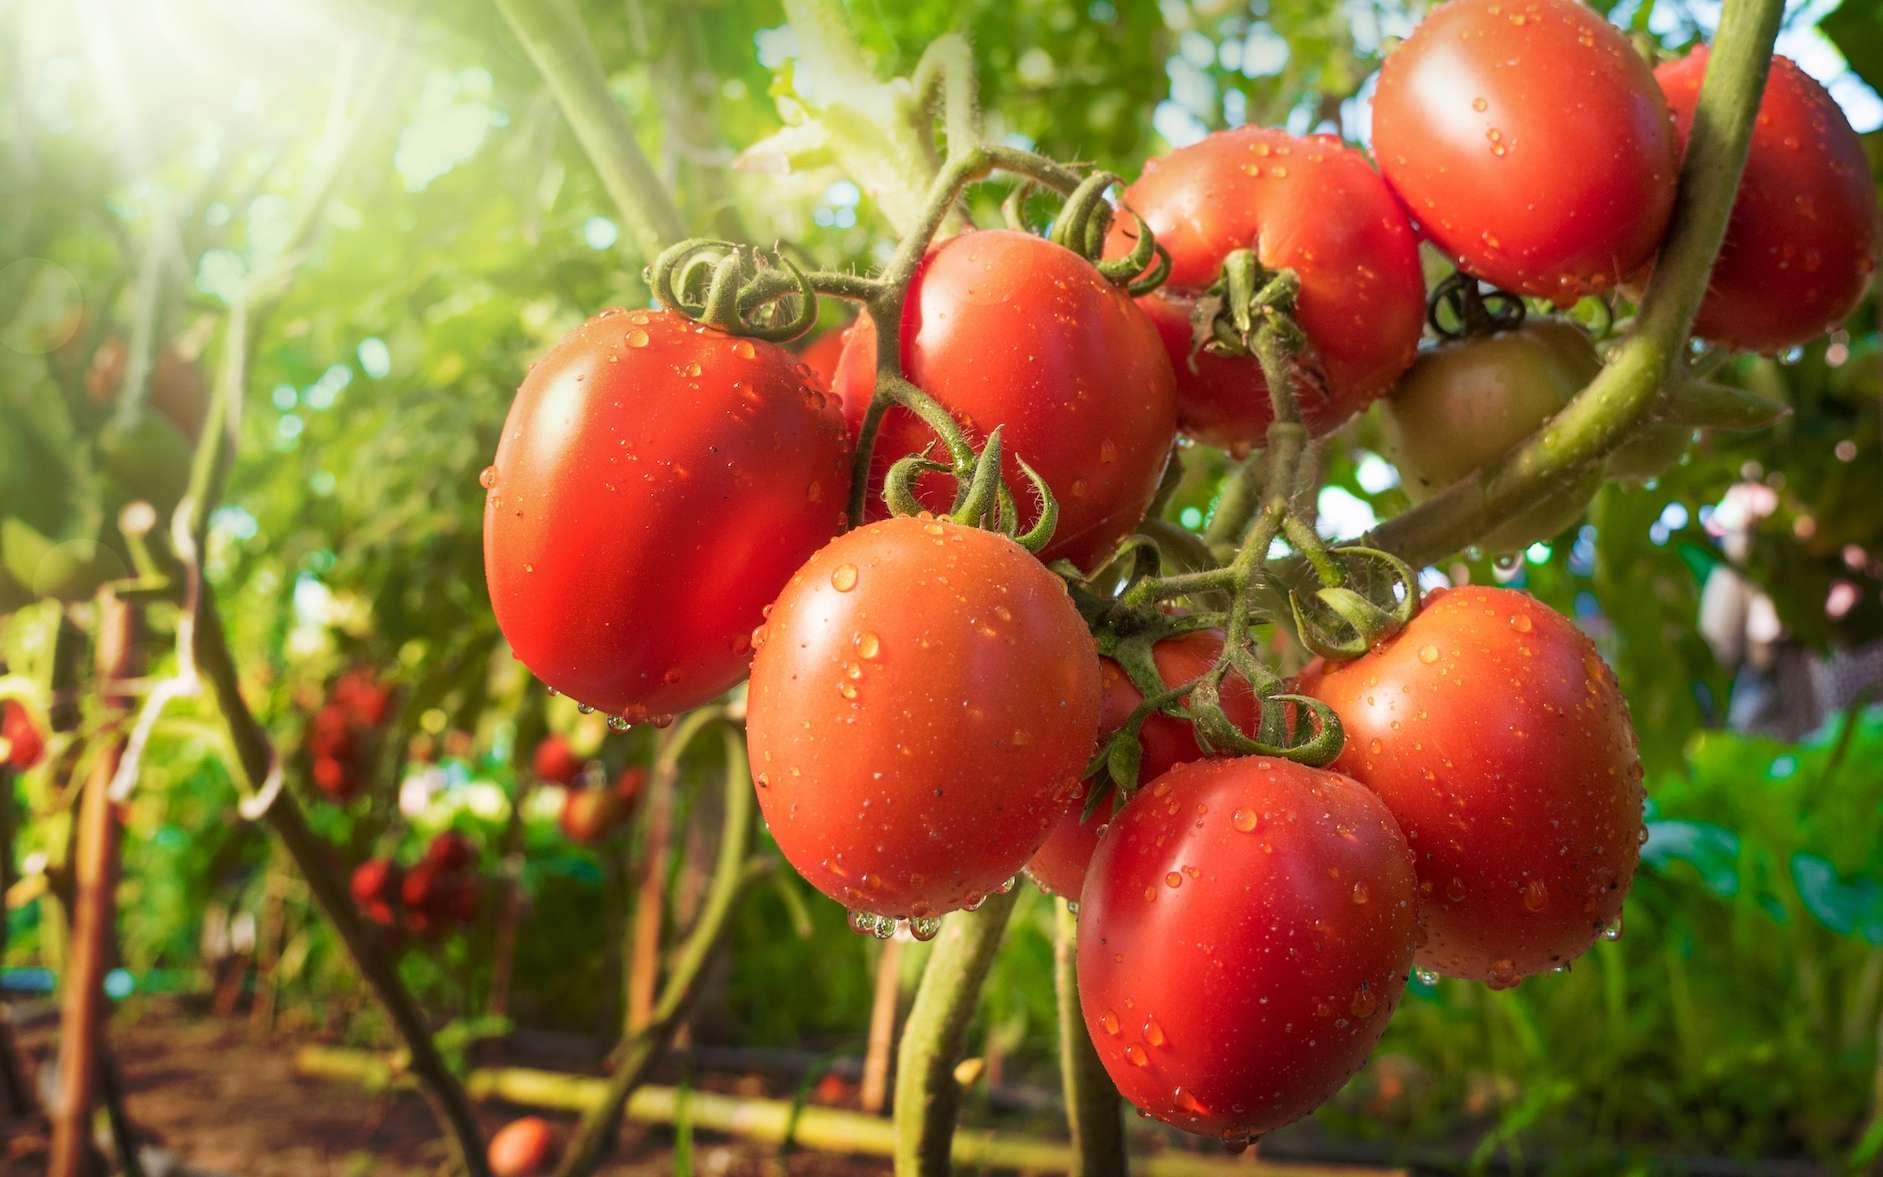 حرب جديدة بين المغرب وإسبانيا بسبب الطماطم